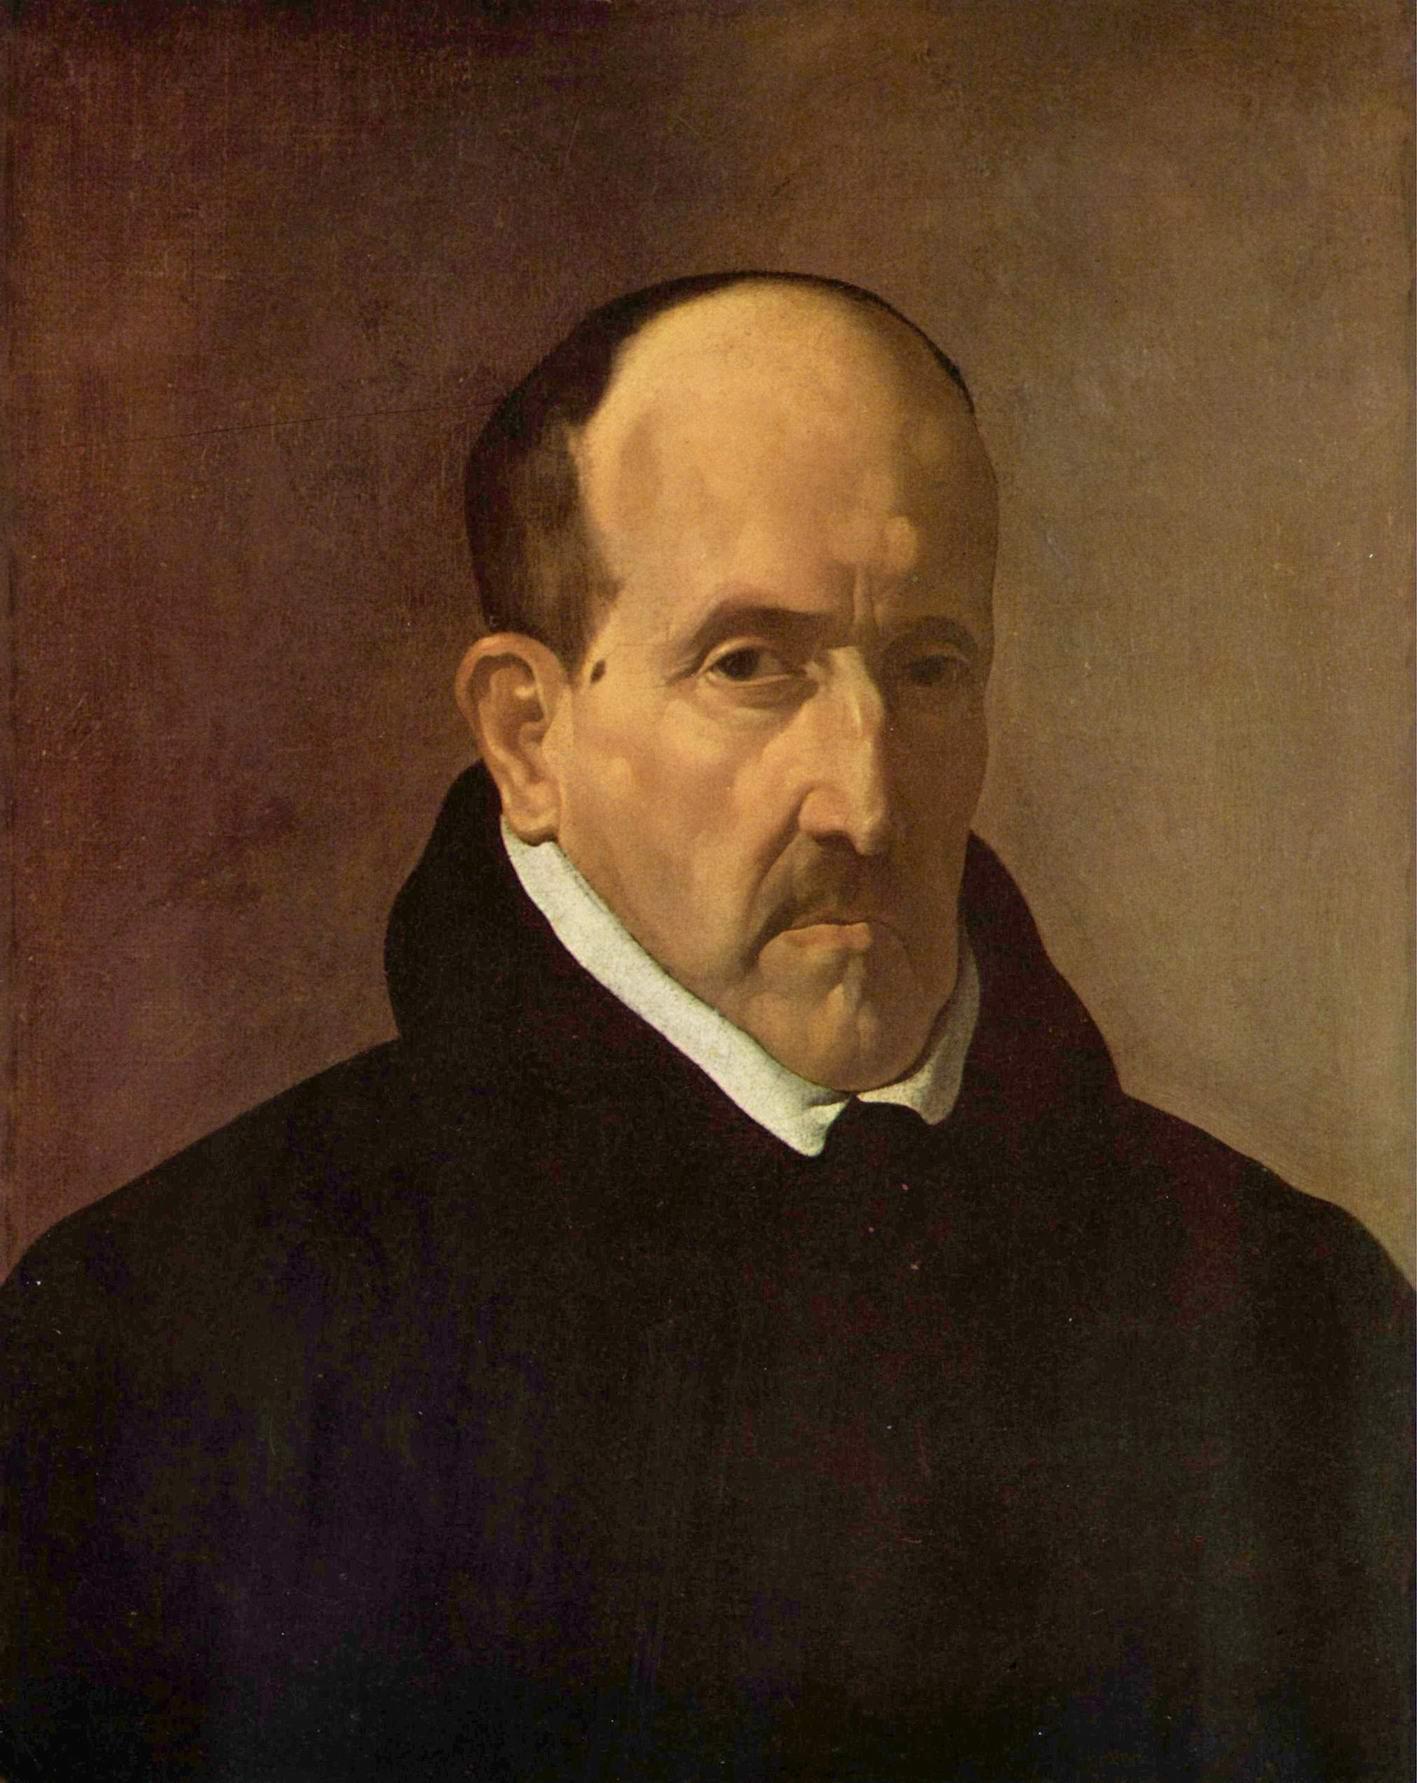 Портрет поэта Луиса де Гонгора-и-Арготе, Диего Веласкес